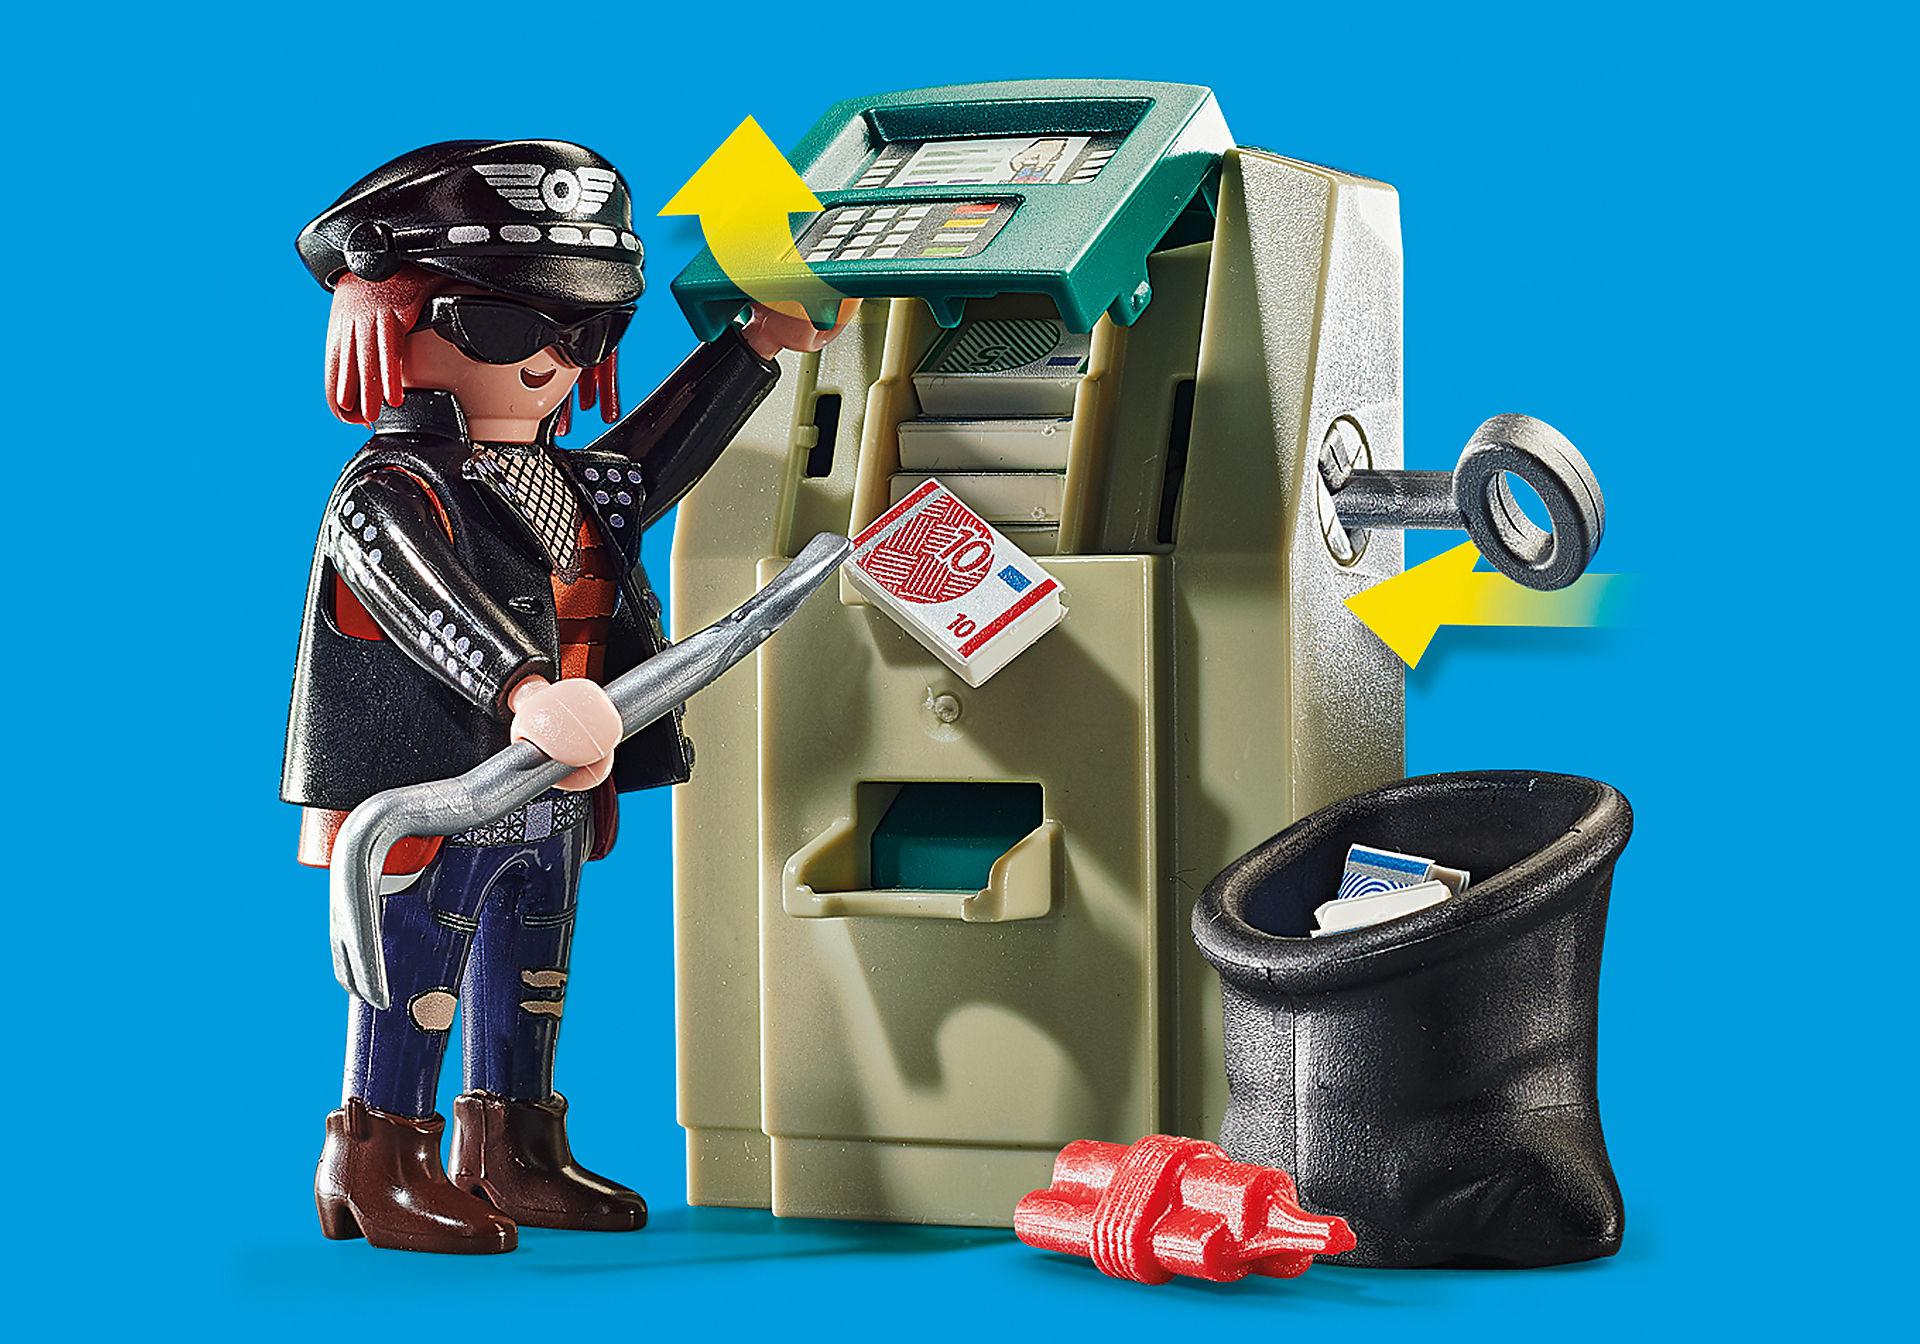 70572 Полицейский мотоцикл: Погоня за вором zoom image4